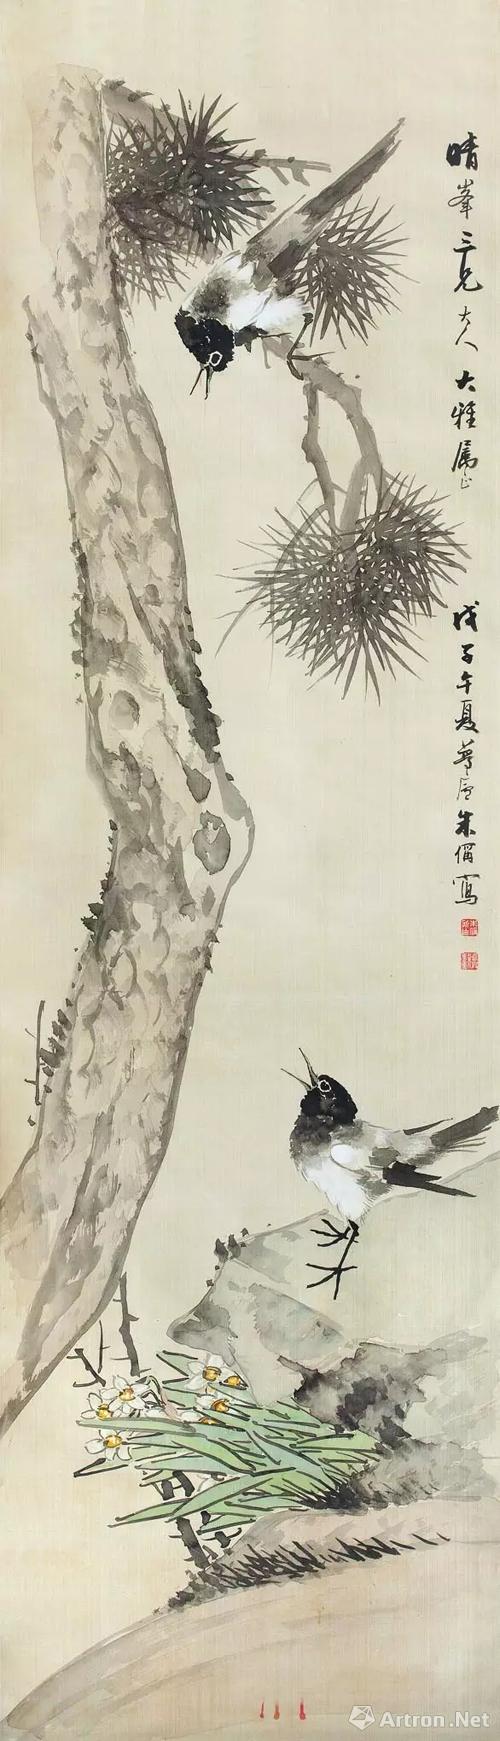 国画《松树双喜》   在中国的民间传说中,每年的七夕人间所有的喜鹊